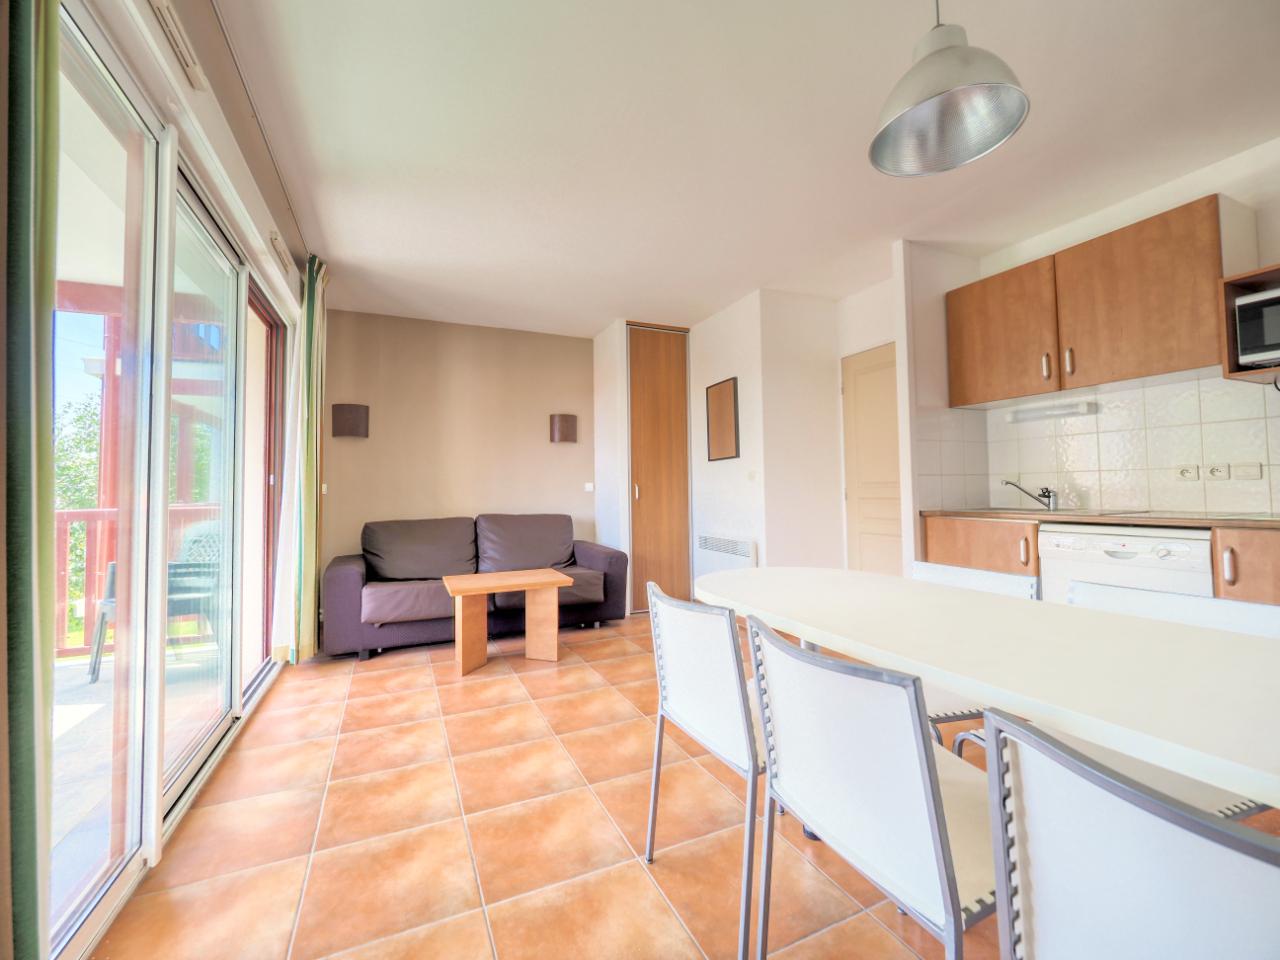 Vente appartement T3  à SAINT JEAN DE LUZ - 6